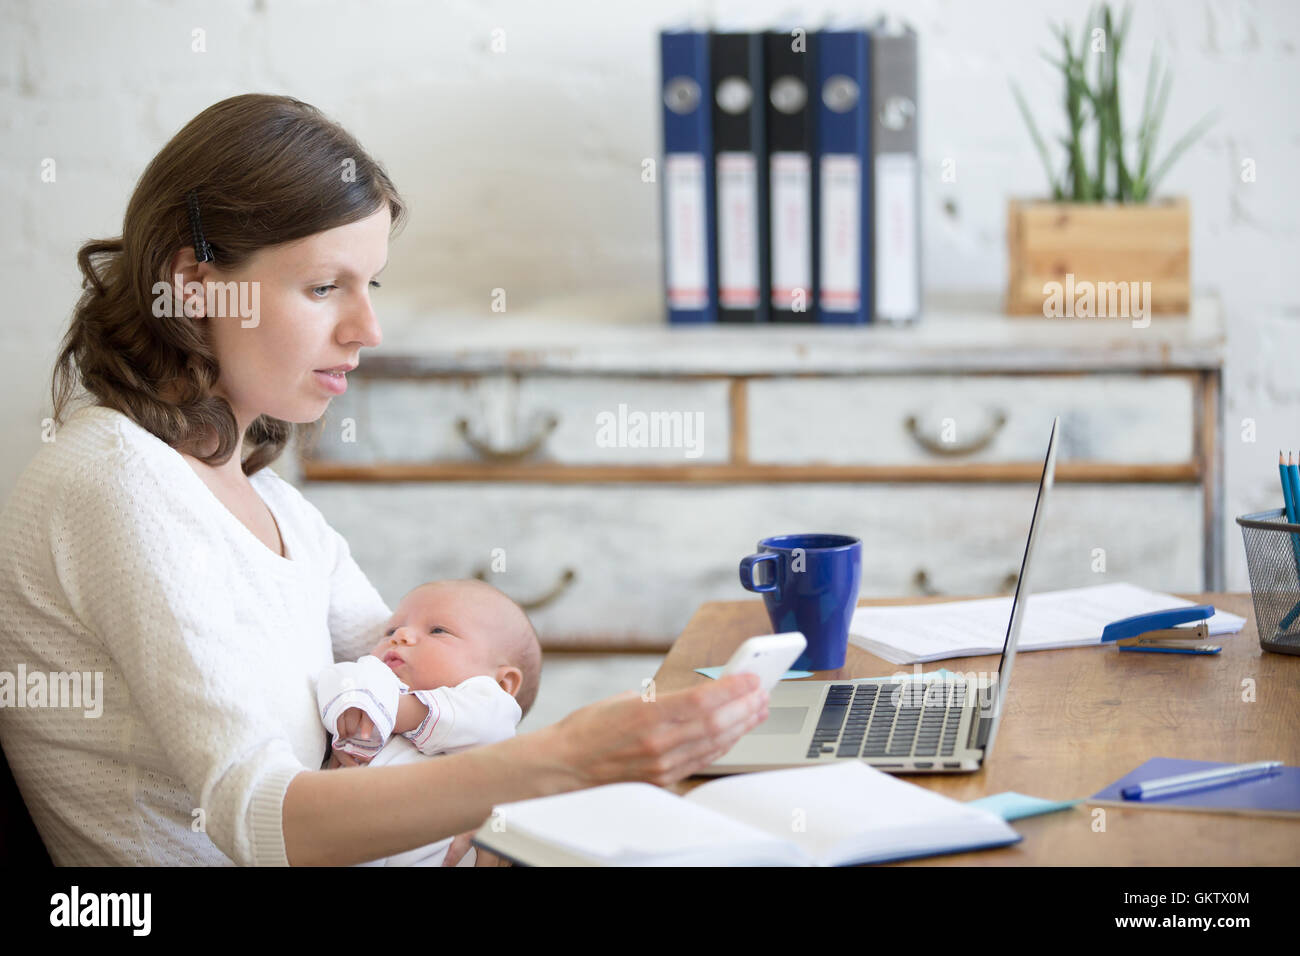 Porträt von Jungunternehmen Mutter hält ihr Neugeborenes niedliches Baby beim Arbeiten im home-Office Stockbild